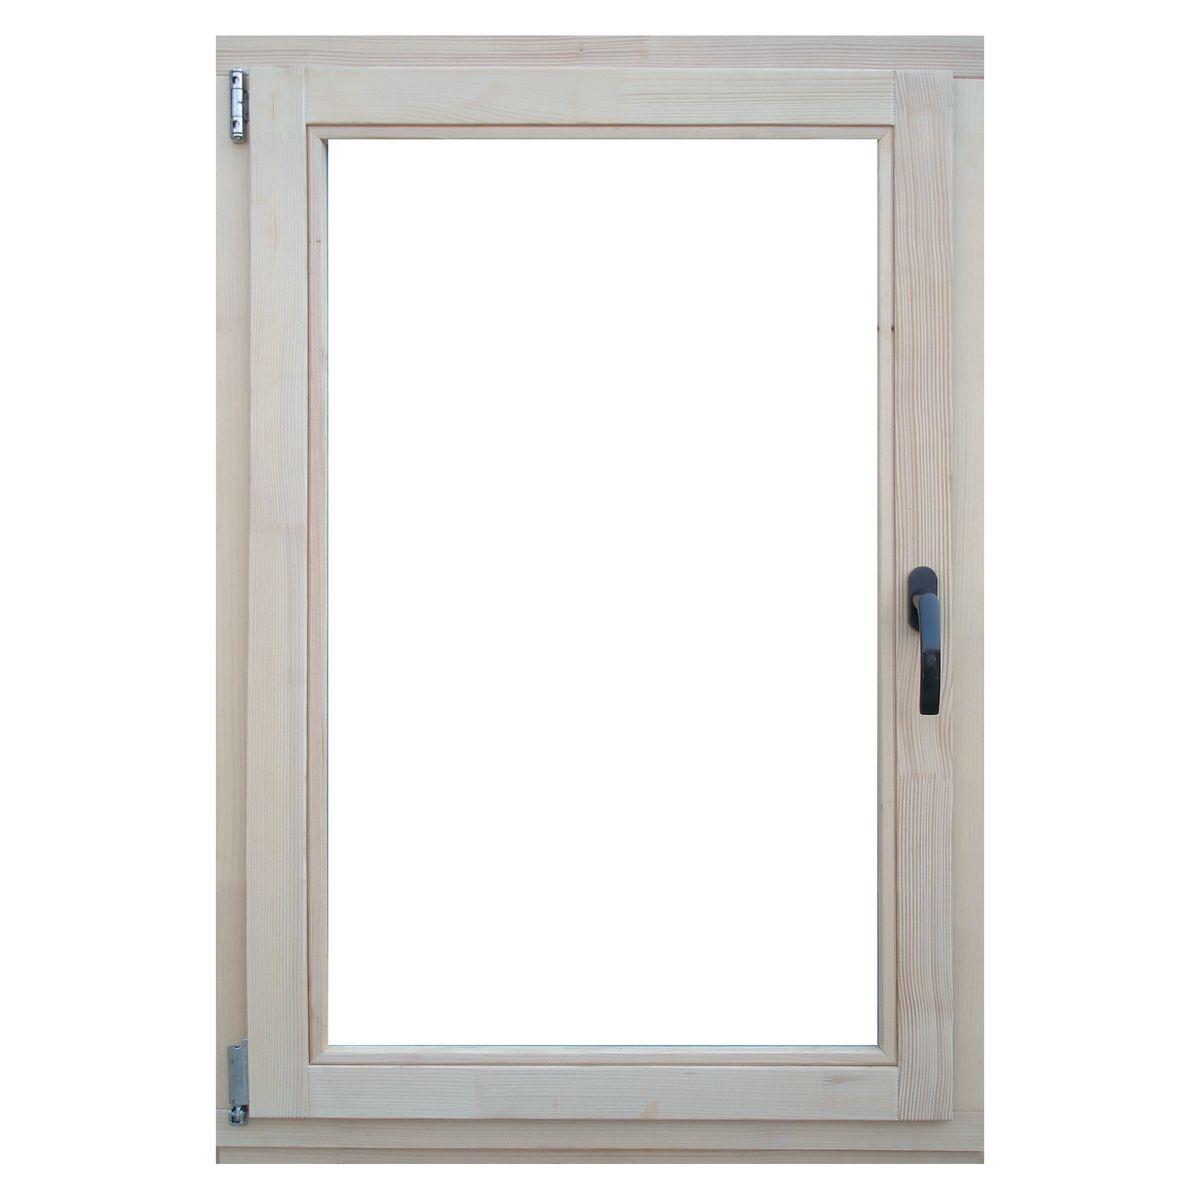 Finestre in alluminio leroy merlin finestre in pvc leroy - Leroy merlin finestre pvc ...